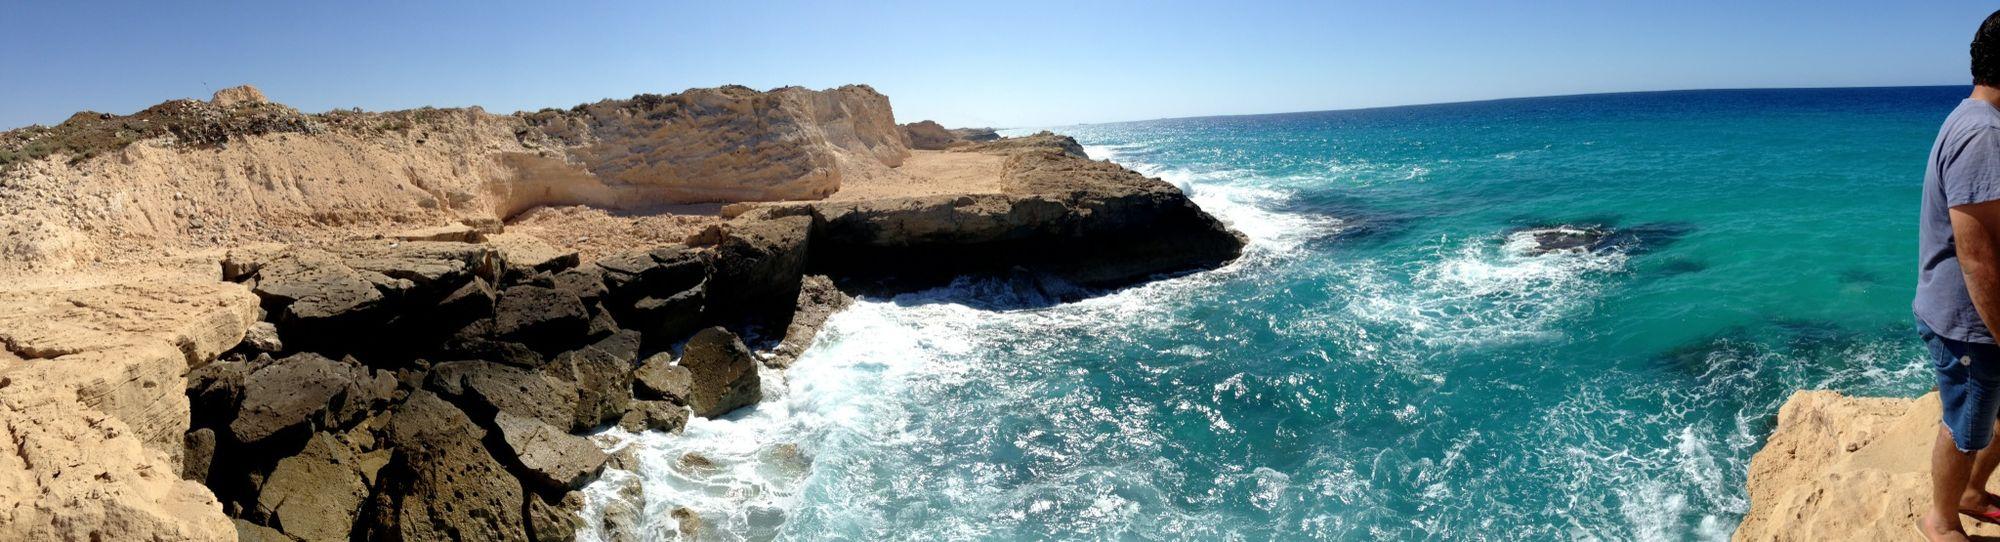 Sea View Cliffs